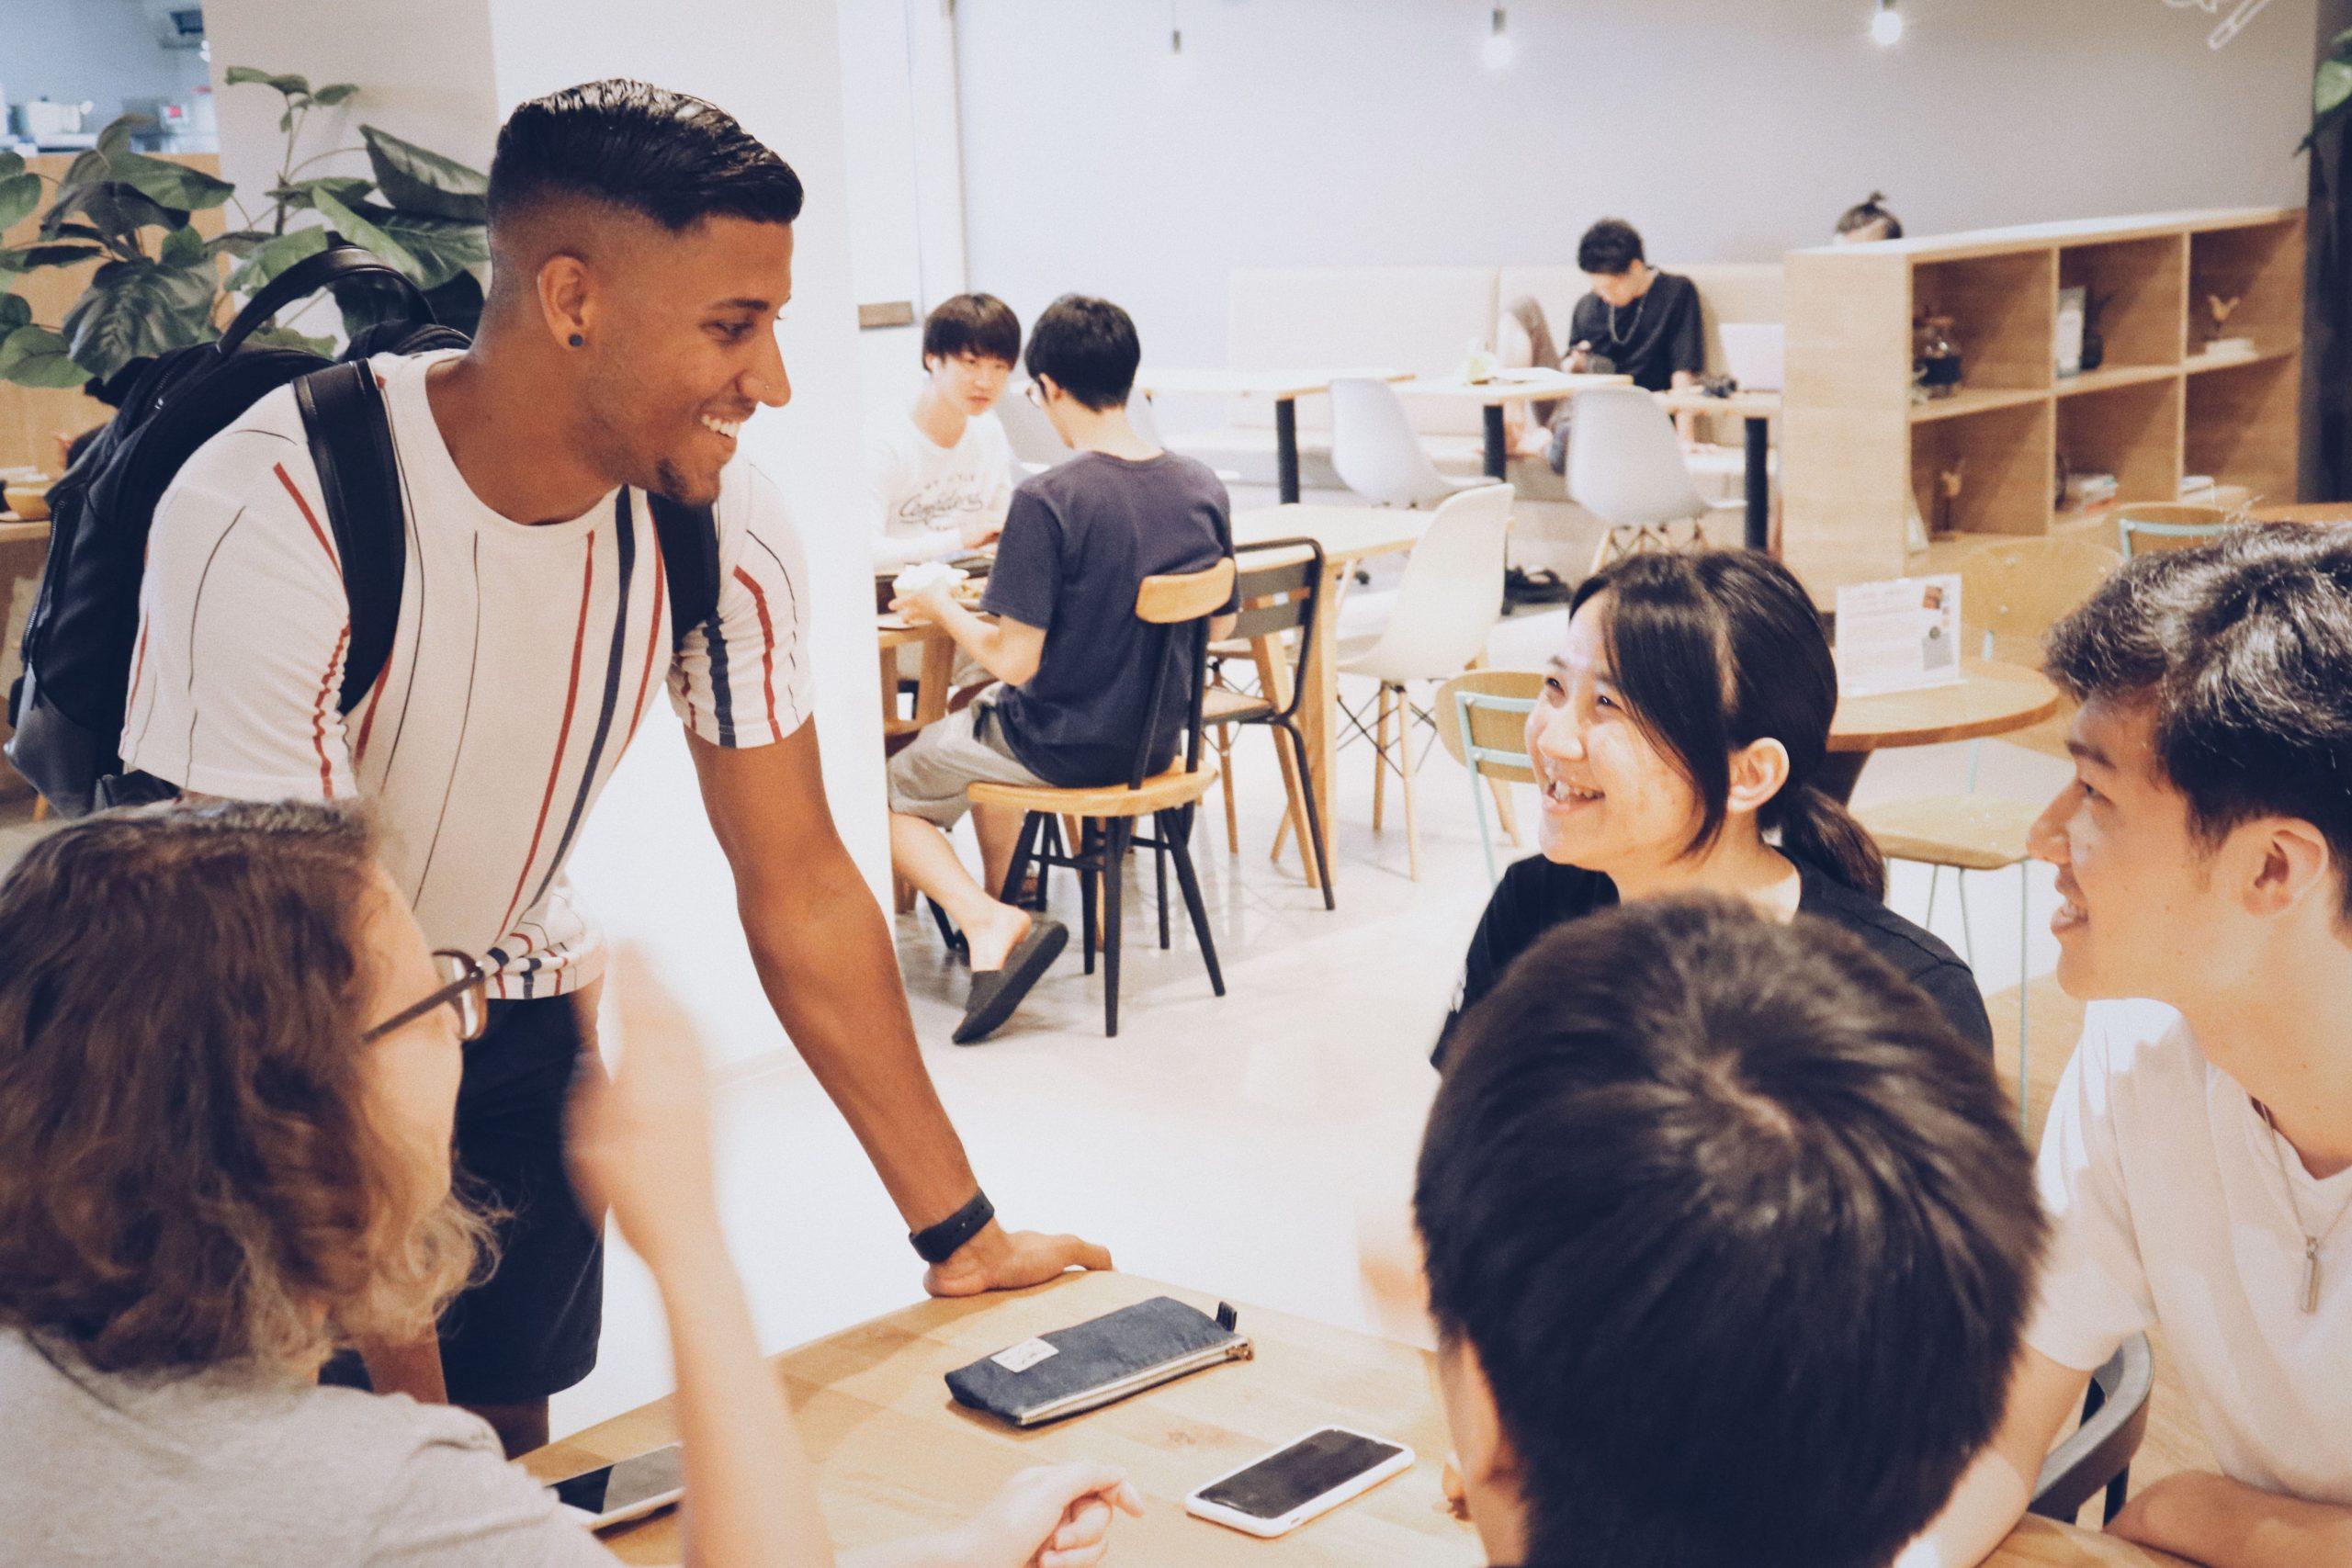 外国人留学生との国際交流もできる